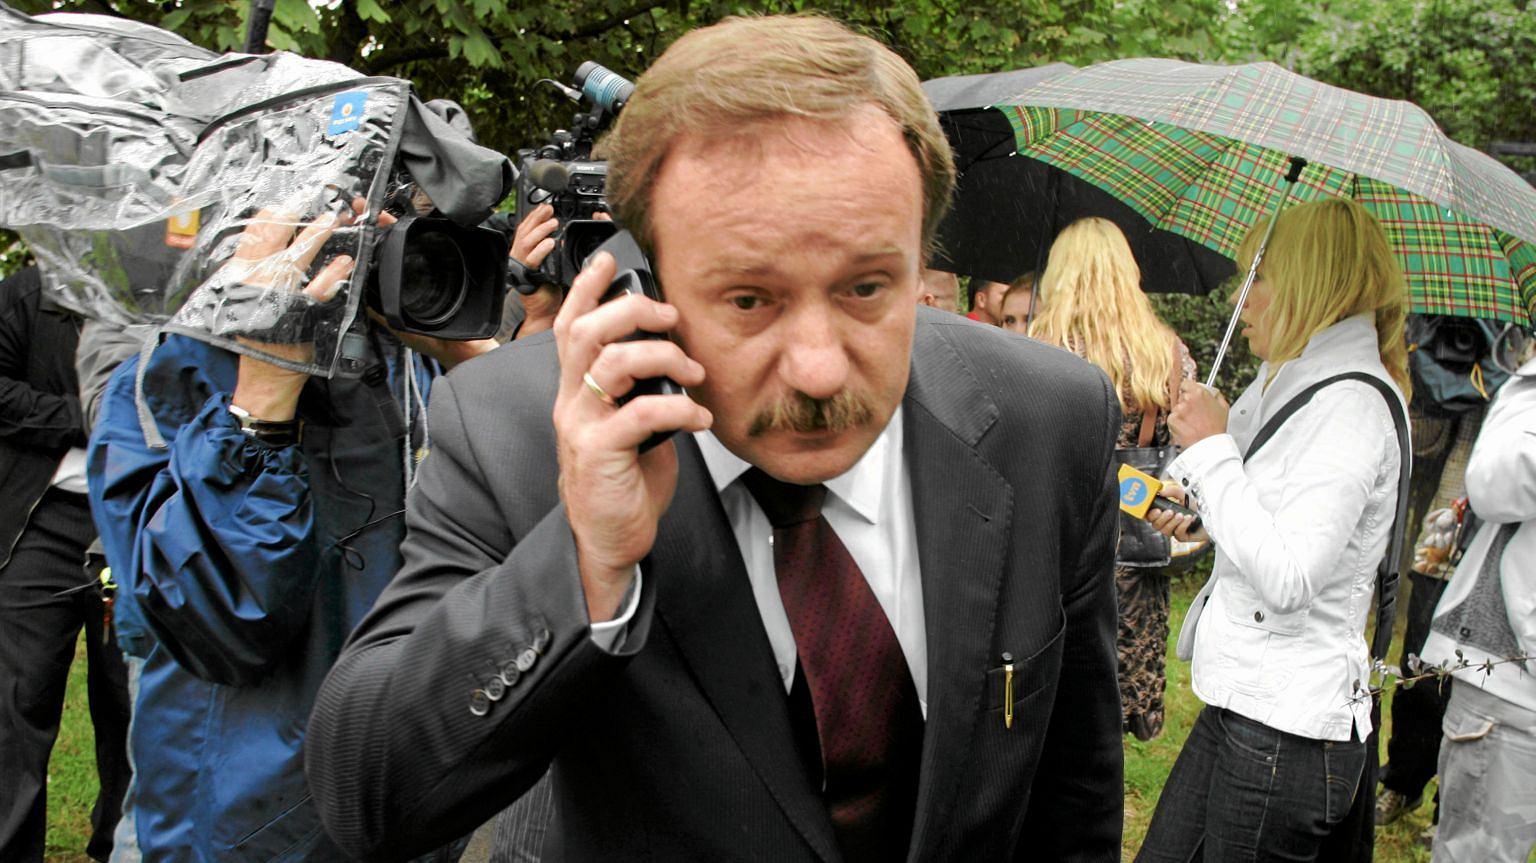 Rok 2010, mecenas Piotr Pszczółkowski udaje się na spotkanie rodzin ofiar katastrofy smoleńskiej z prokuratorami